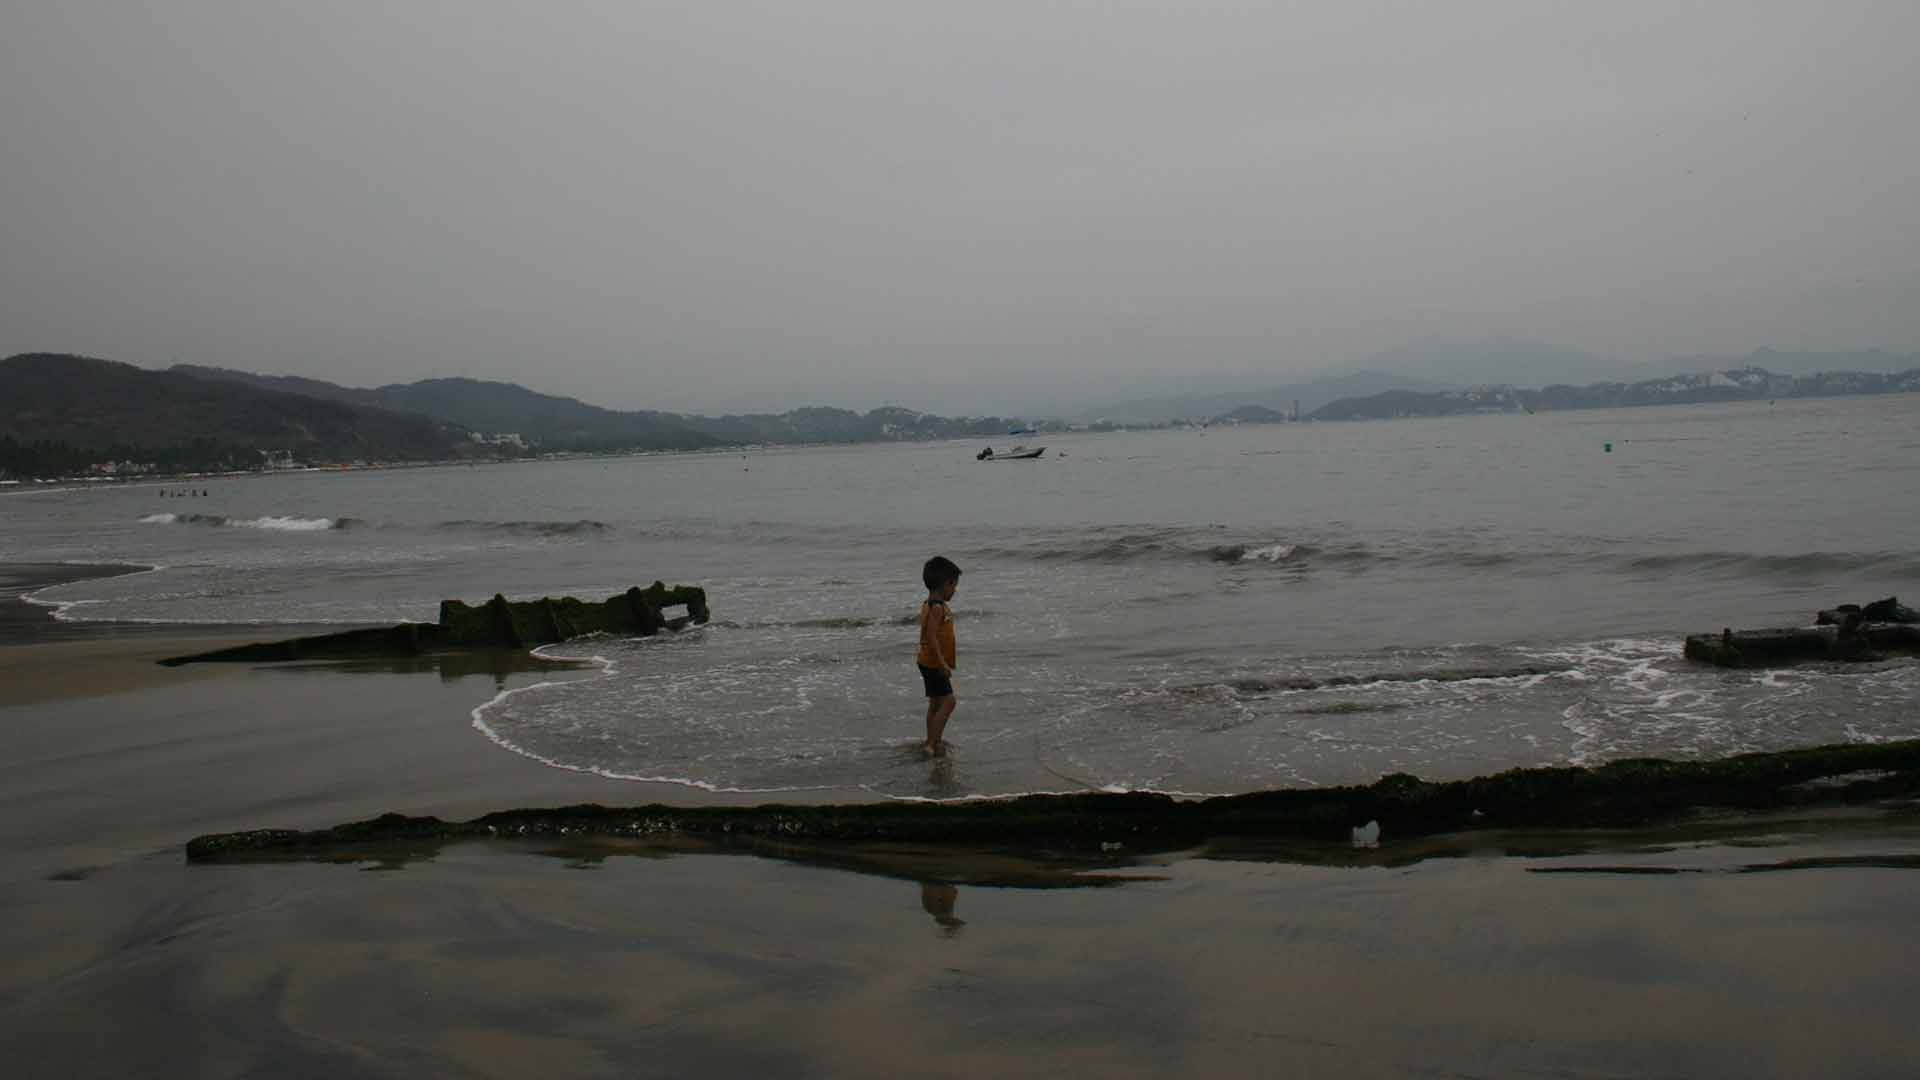 Barcos-undidos-cristinacobian-33años-CRSCO